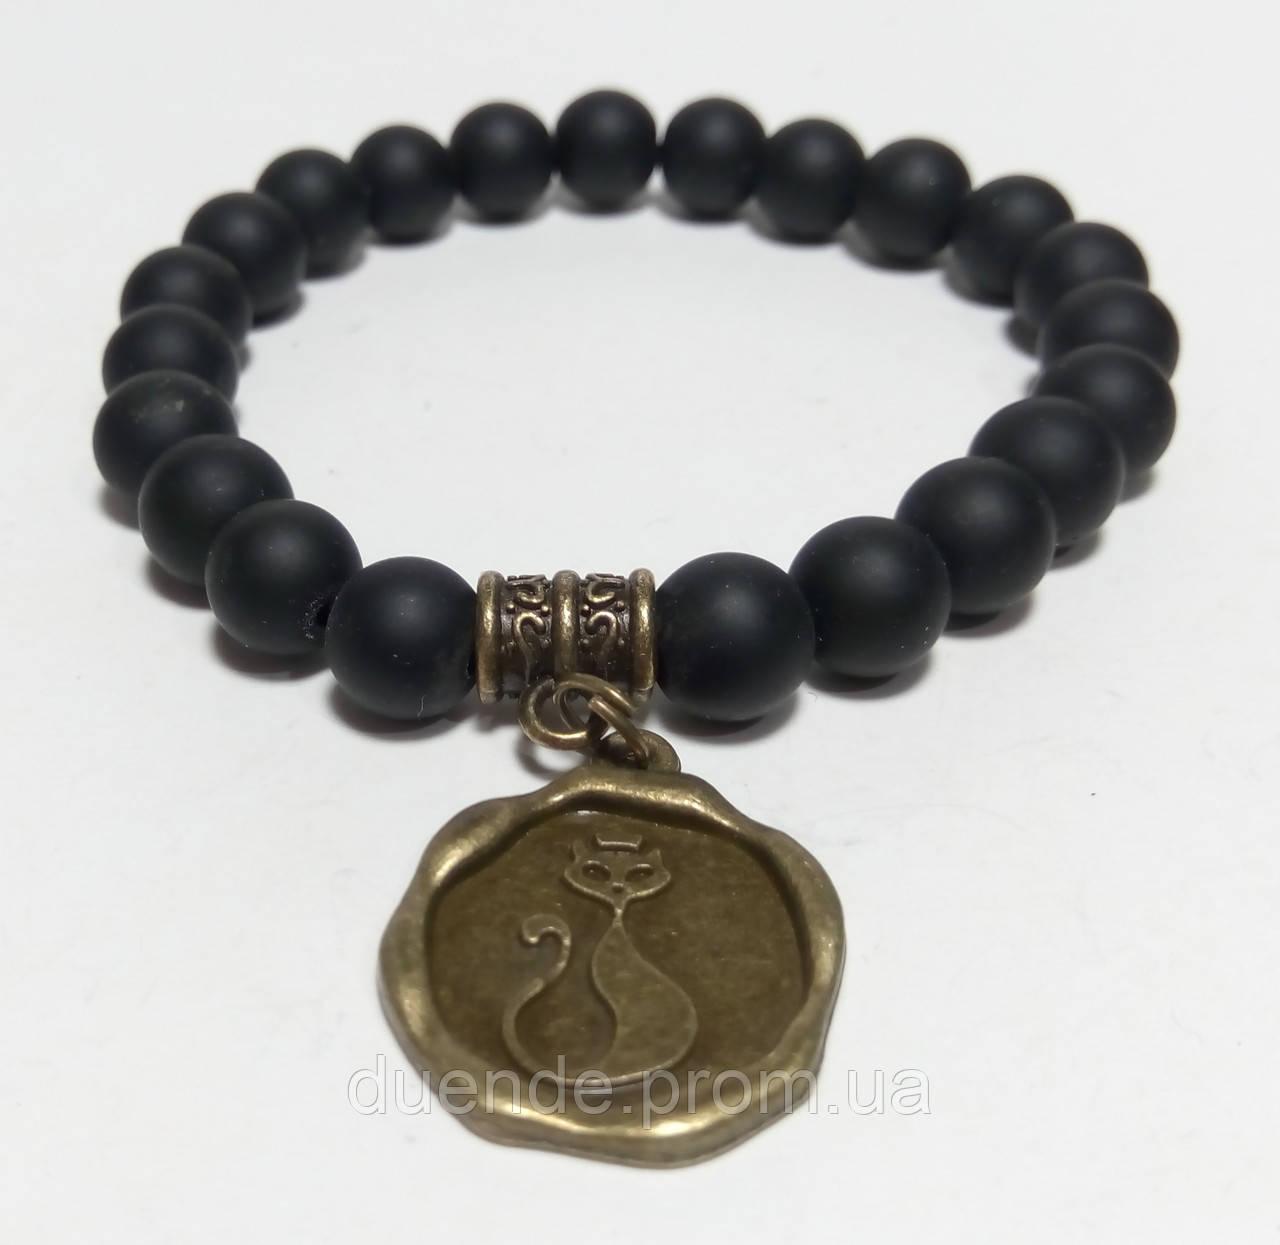 Браслет Шунгіт натуральний камінь, бронза з підвіскою Кіт, тм Satori \ Sb - 0019